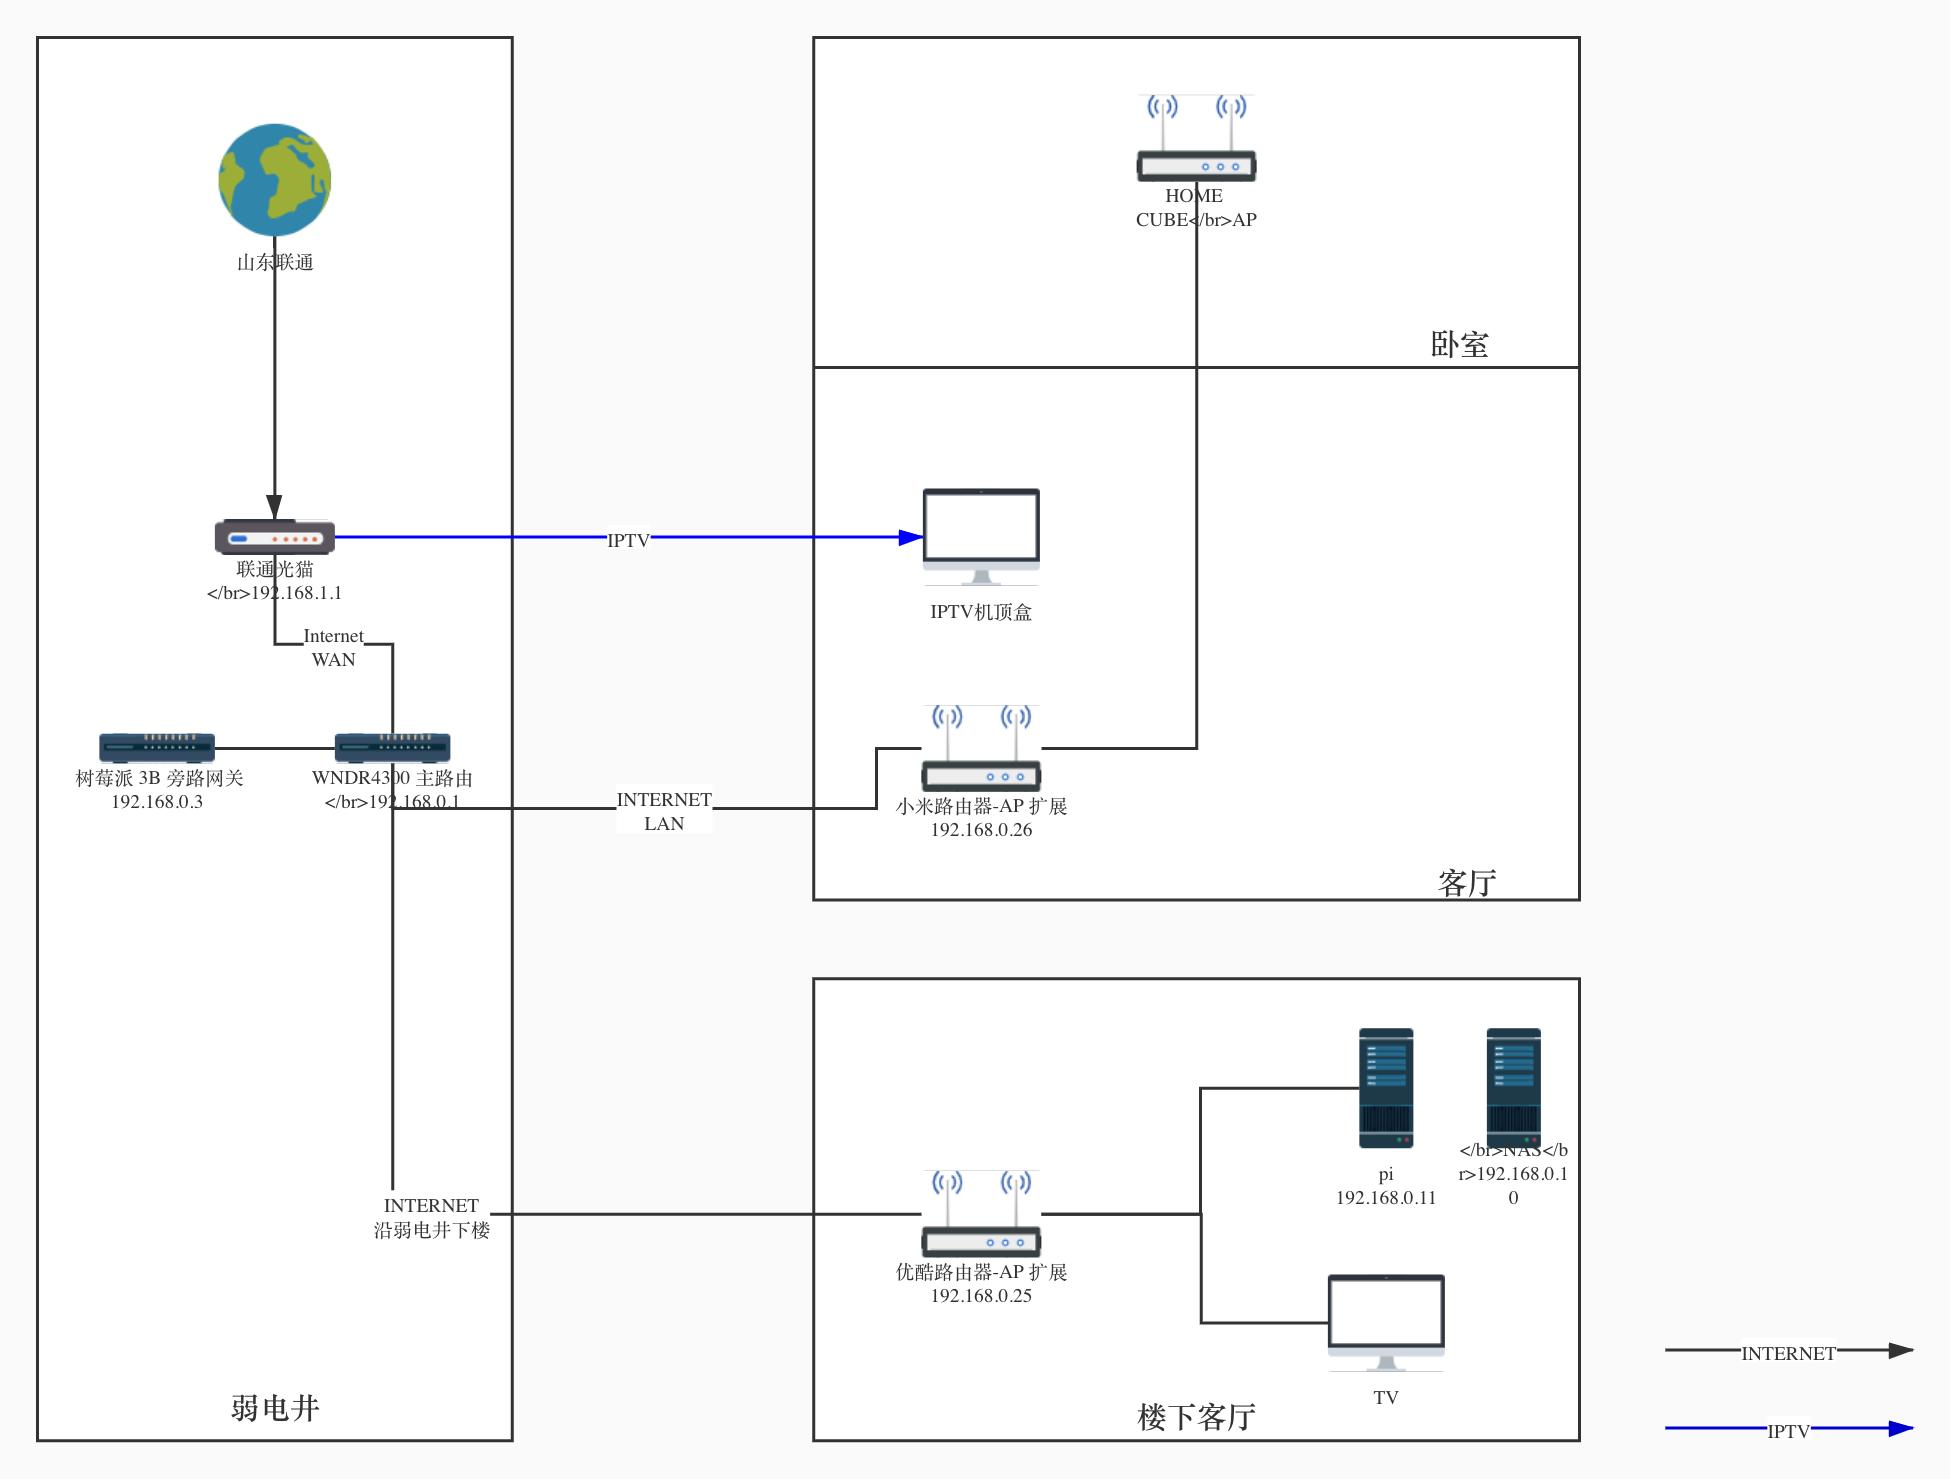 使用树莓派代理局域网内流量